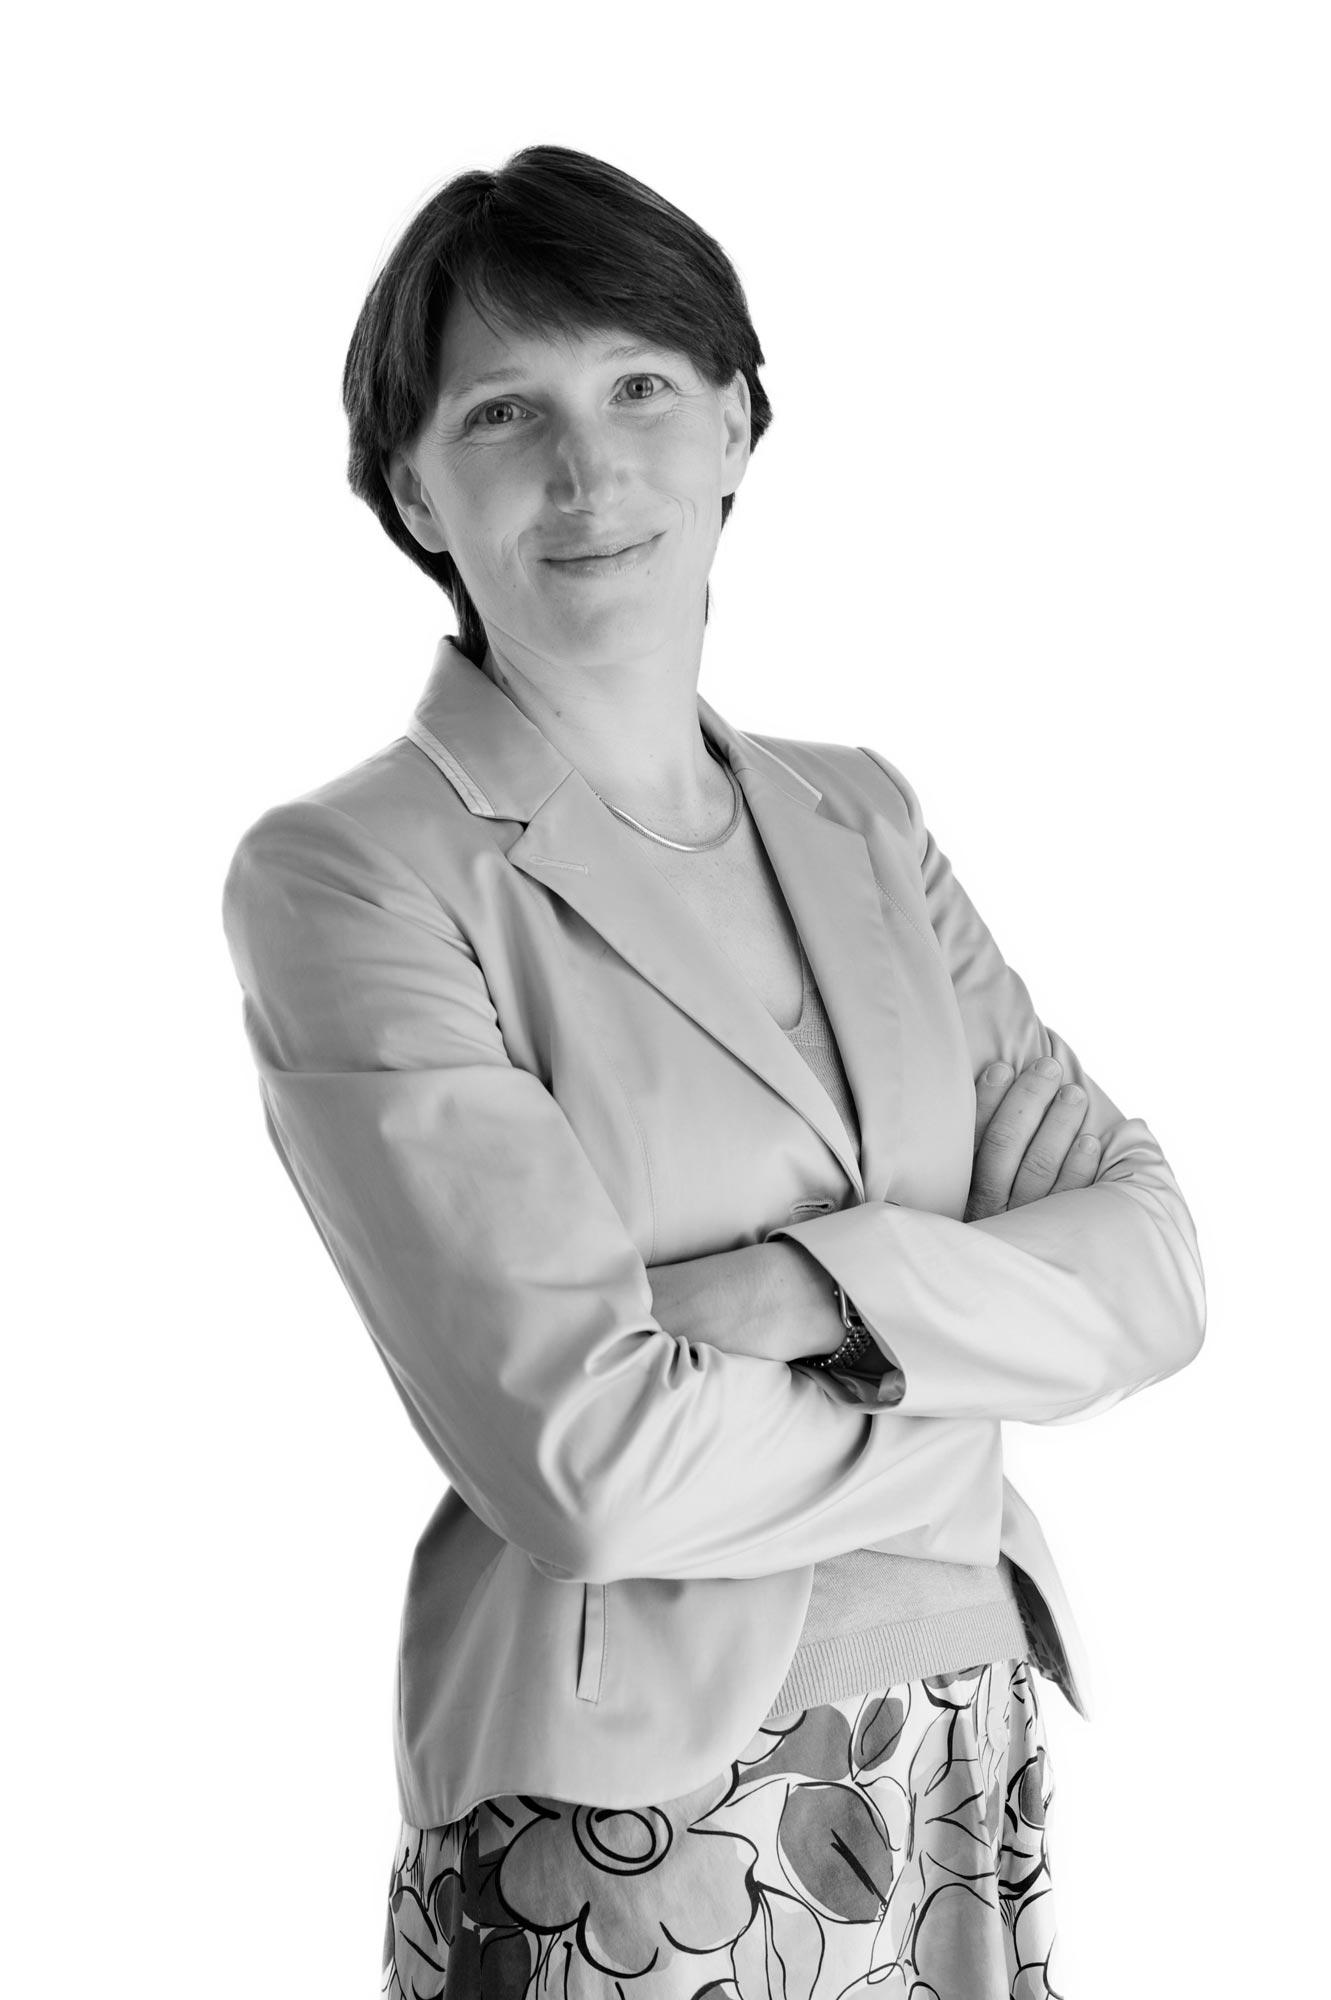 Sophie Lebeau  Droit immobilier et de la construction Droit économique et assurances   T + 32 (0)2 501 61 25  F + 32 (0)2 514 22 31  E :   s.lebeau@wery.legal